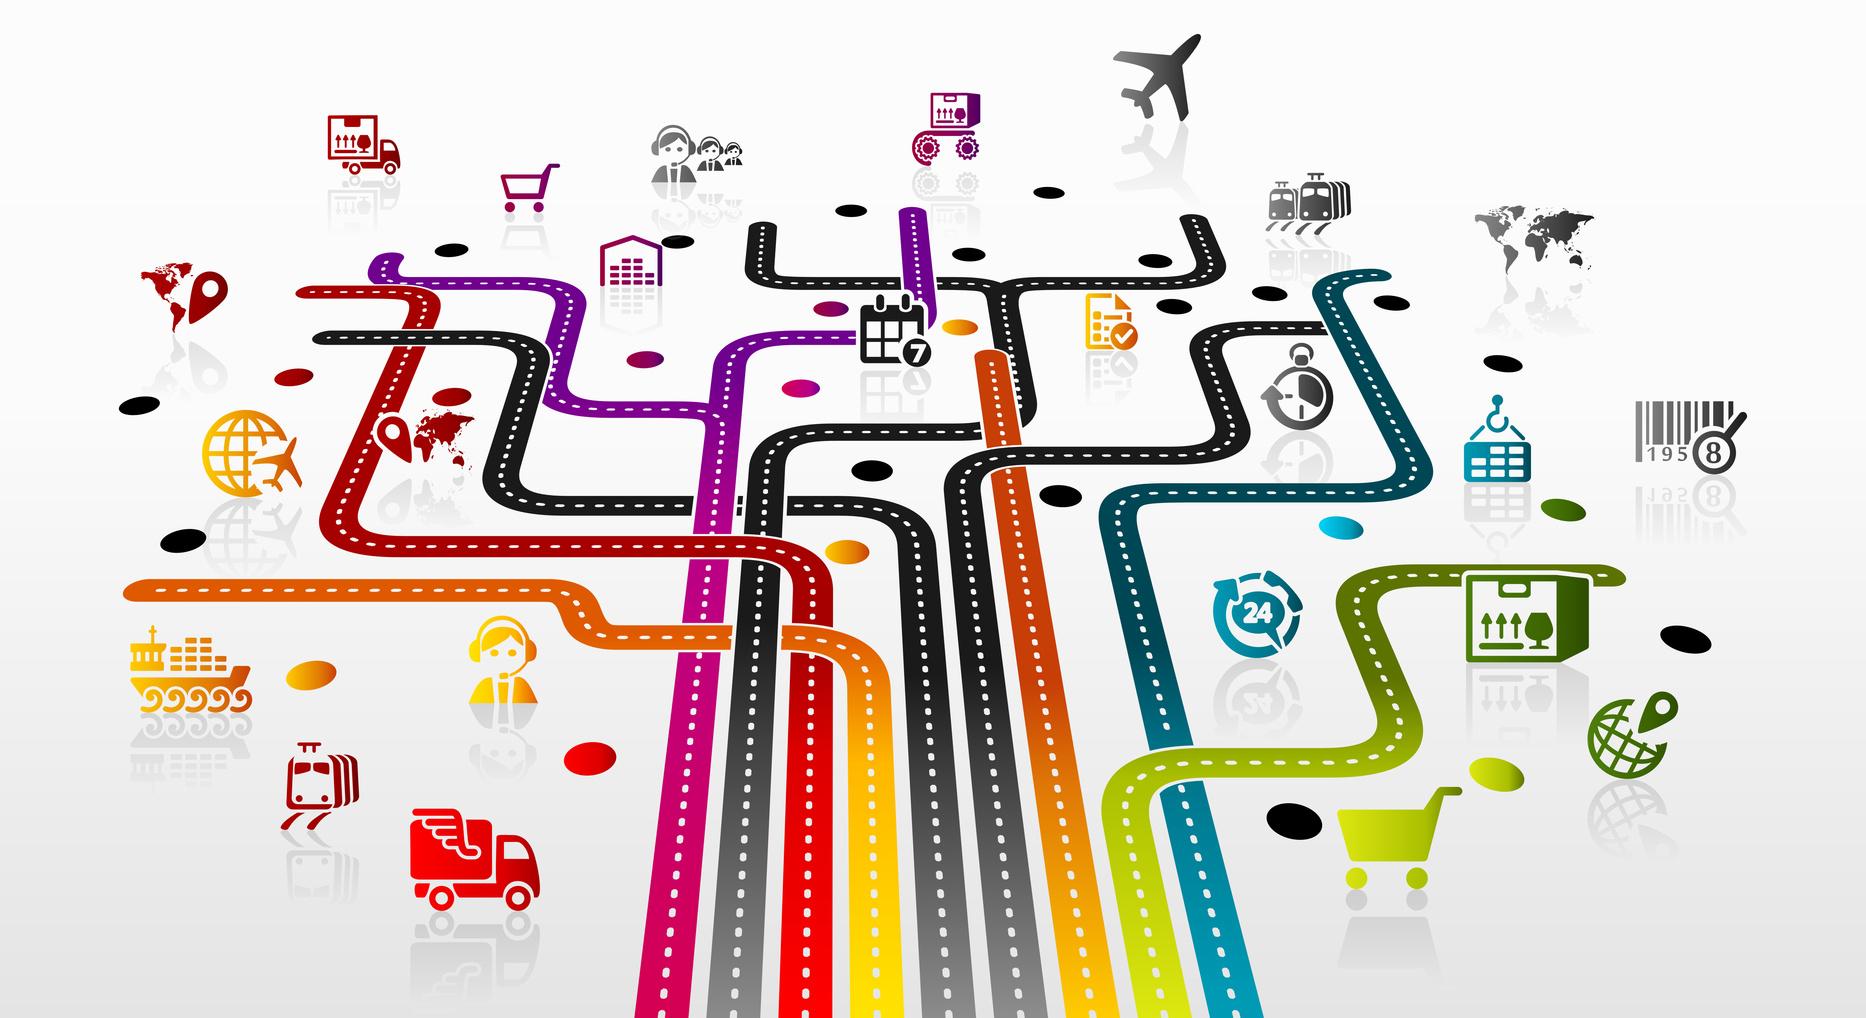 Интернет вещей и логистика, ч. 2: эффективность IoT